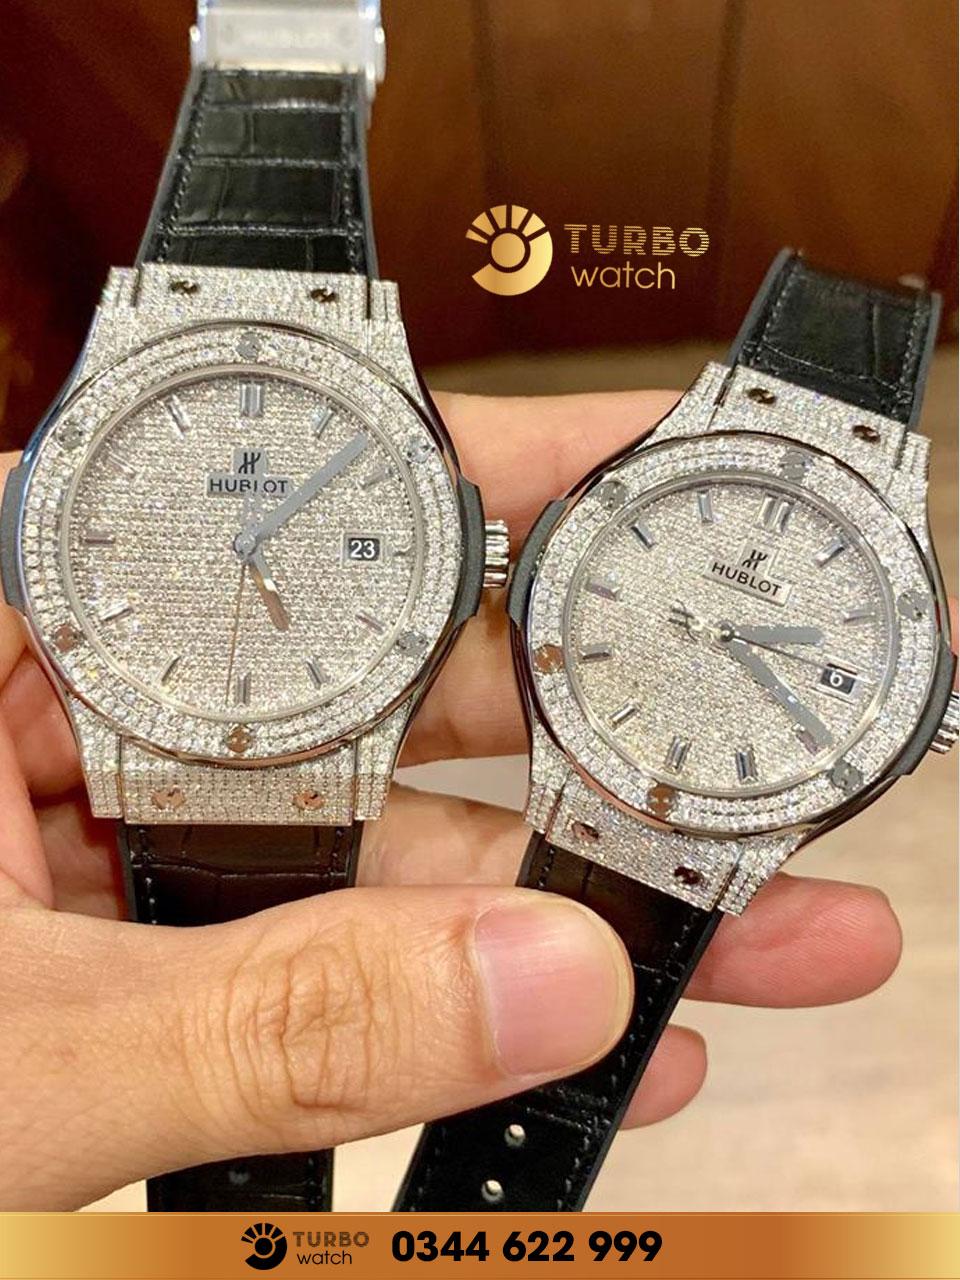 Hublot là một thương hiệu đồng hồ được thành lập bởi Carlo Crocco